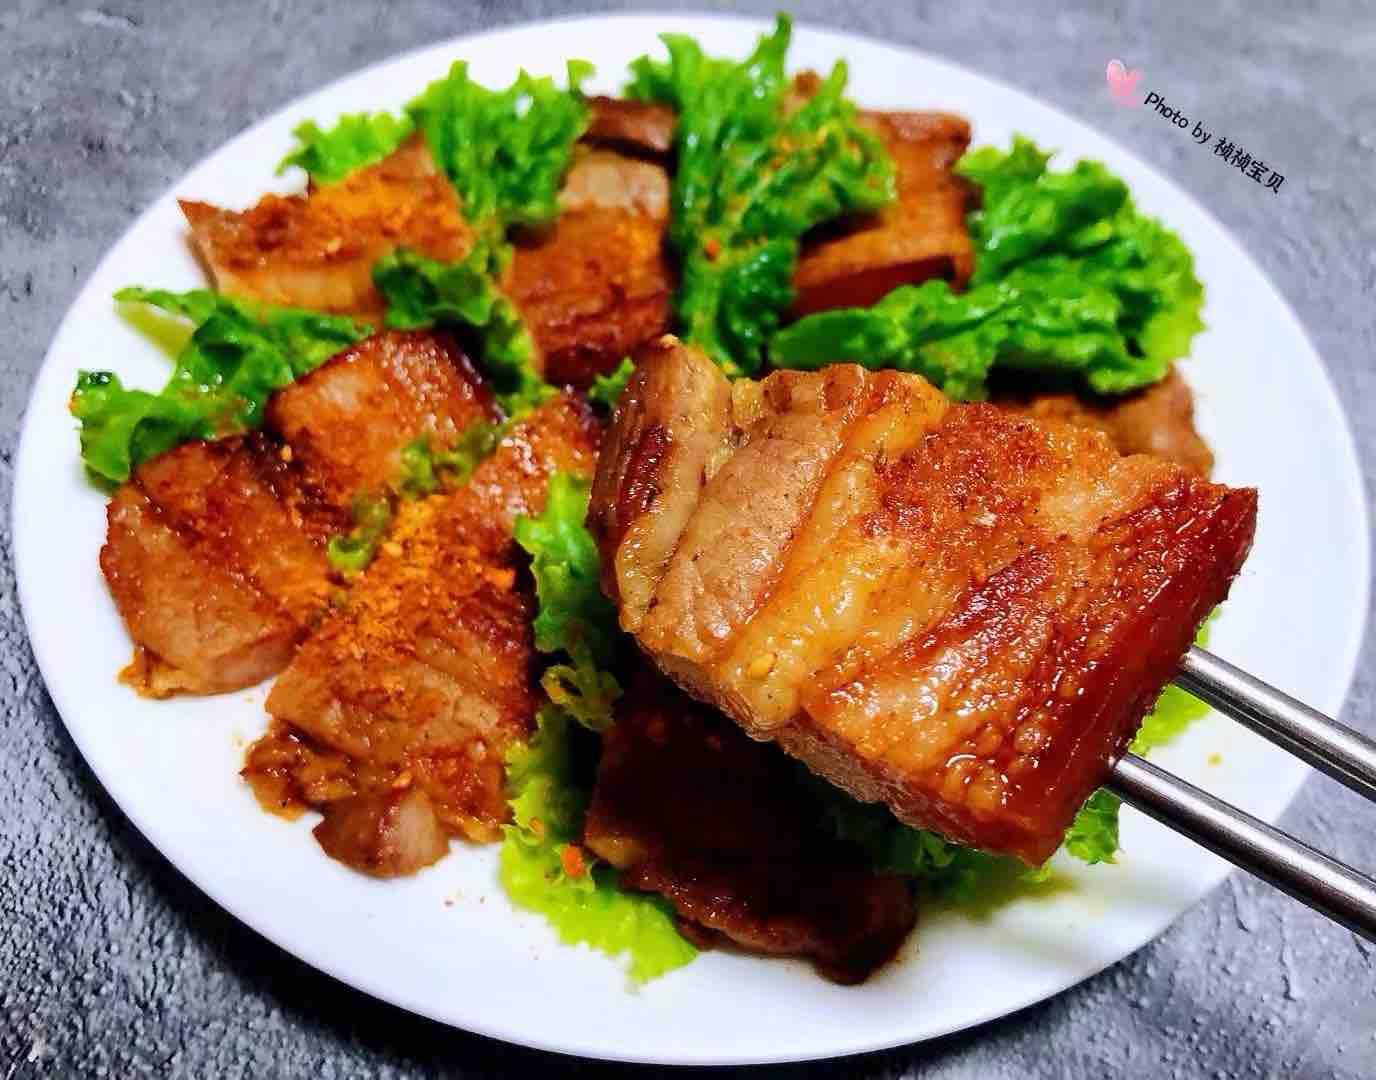 香煎五花肉成品图